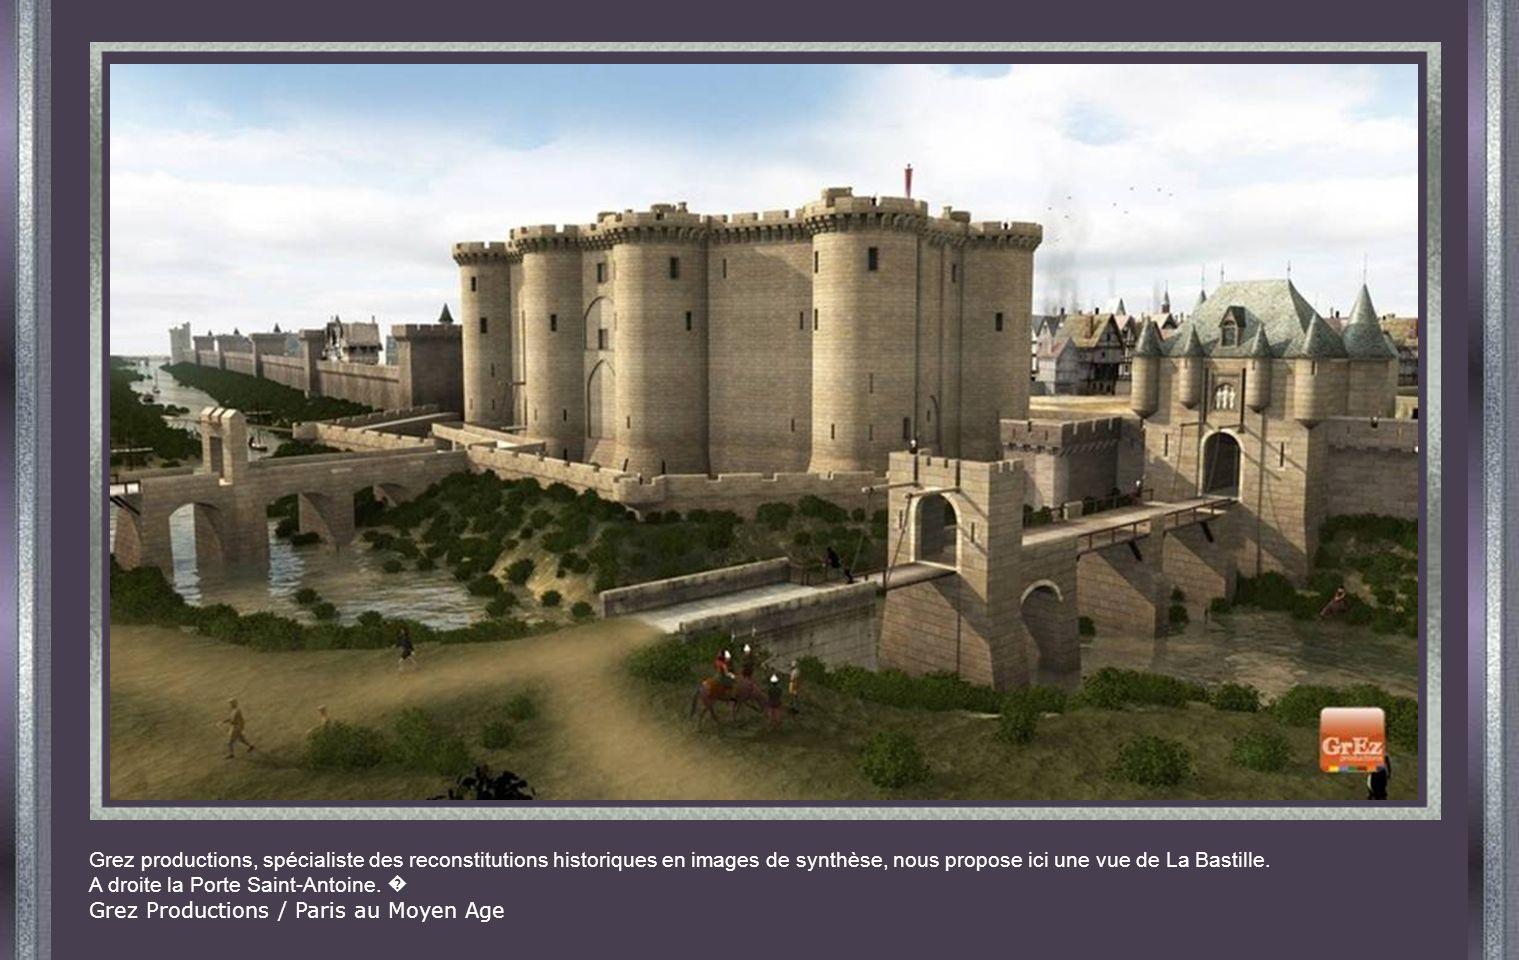 Grez productions, spécialiste des reconstitutions historiques en images de synthèse, nous propose ici une vue de La Bastille.